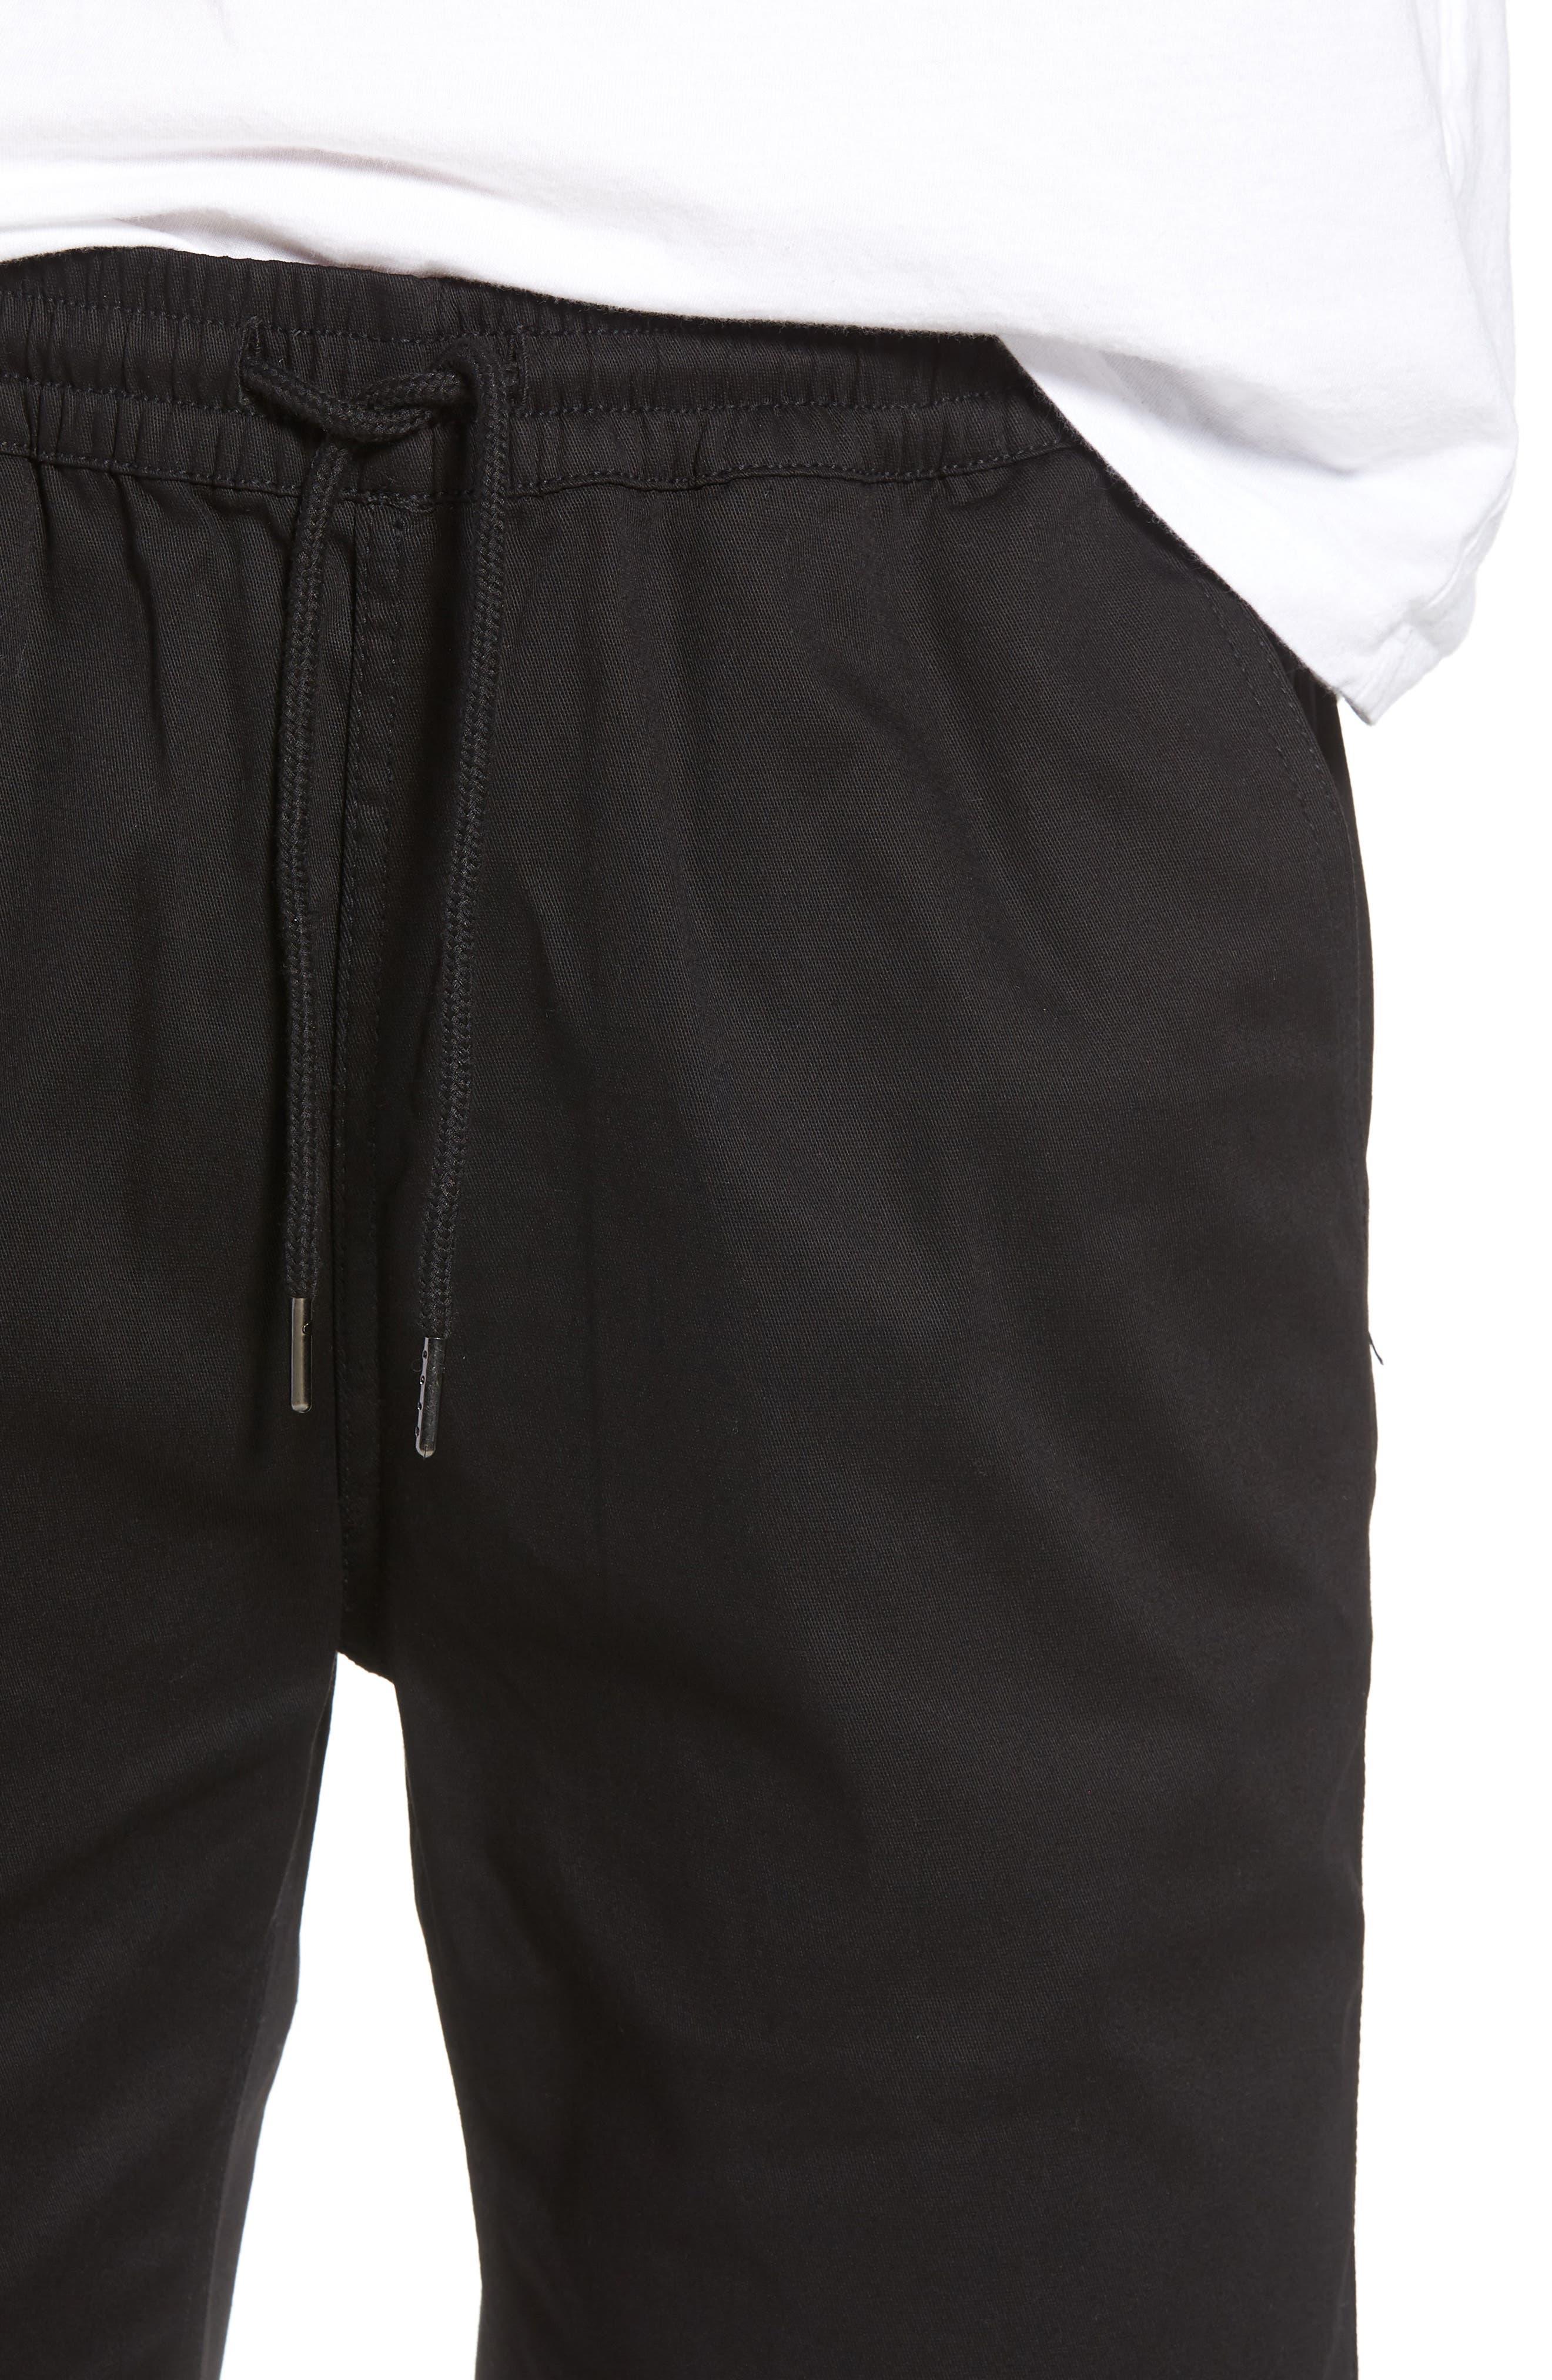 Runner Shorts,                             Alternate thumbnail 4, color,                             001